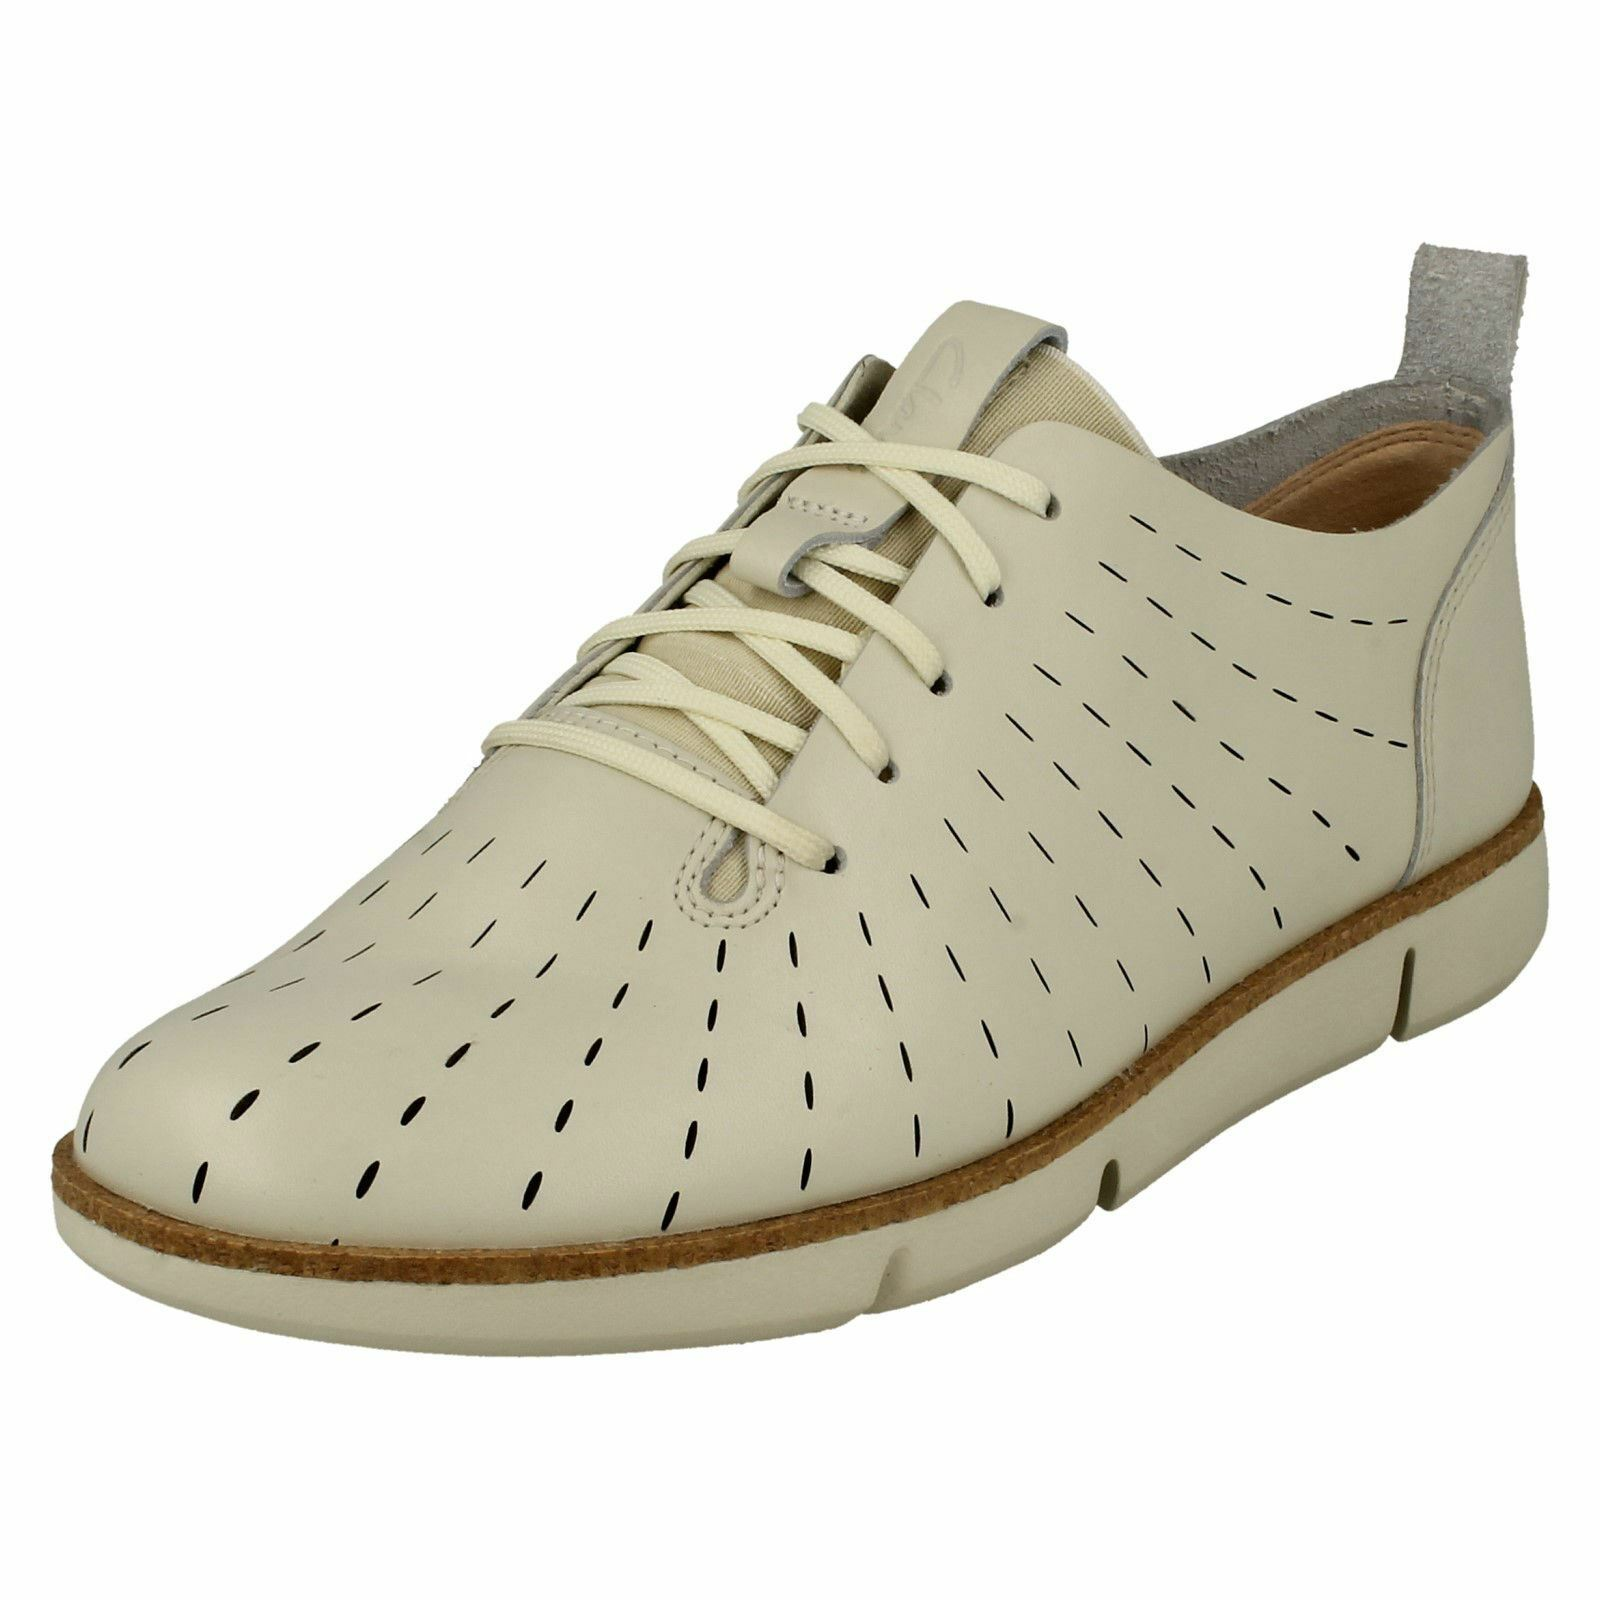 Damas Clarks Elegantes Zapatos con cordones Tri Etch Etch Etch  ahorre 60% de descuento